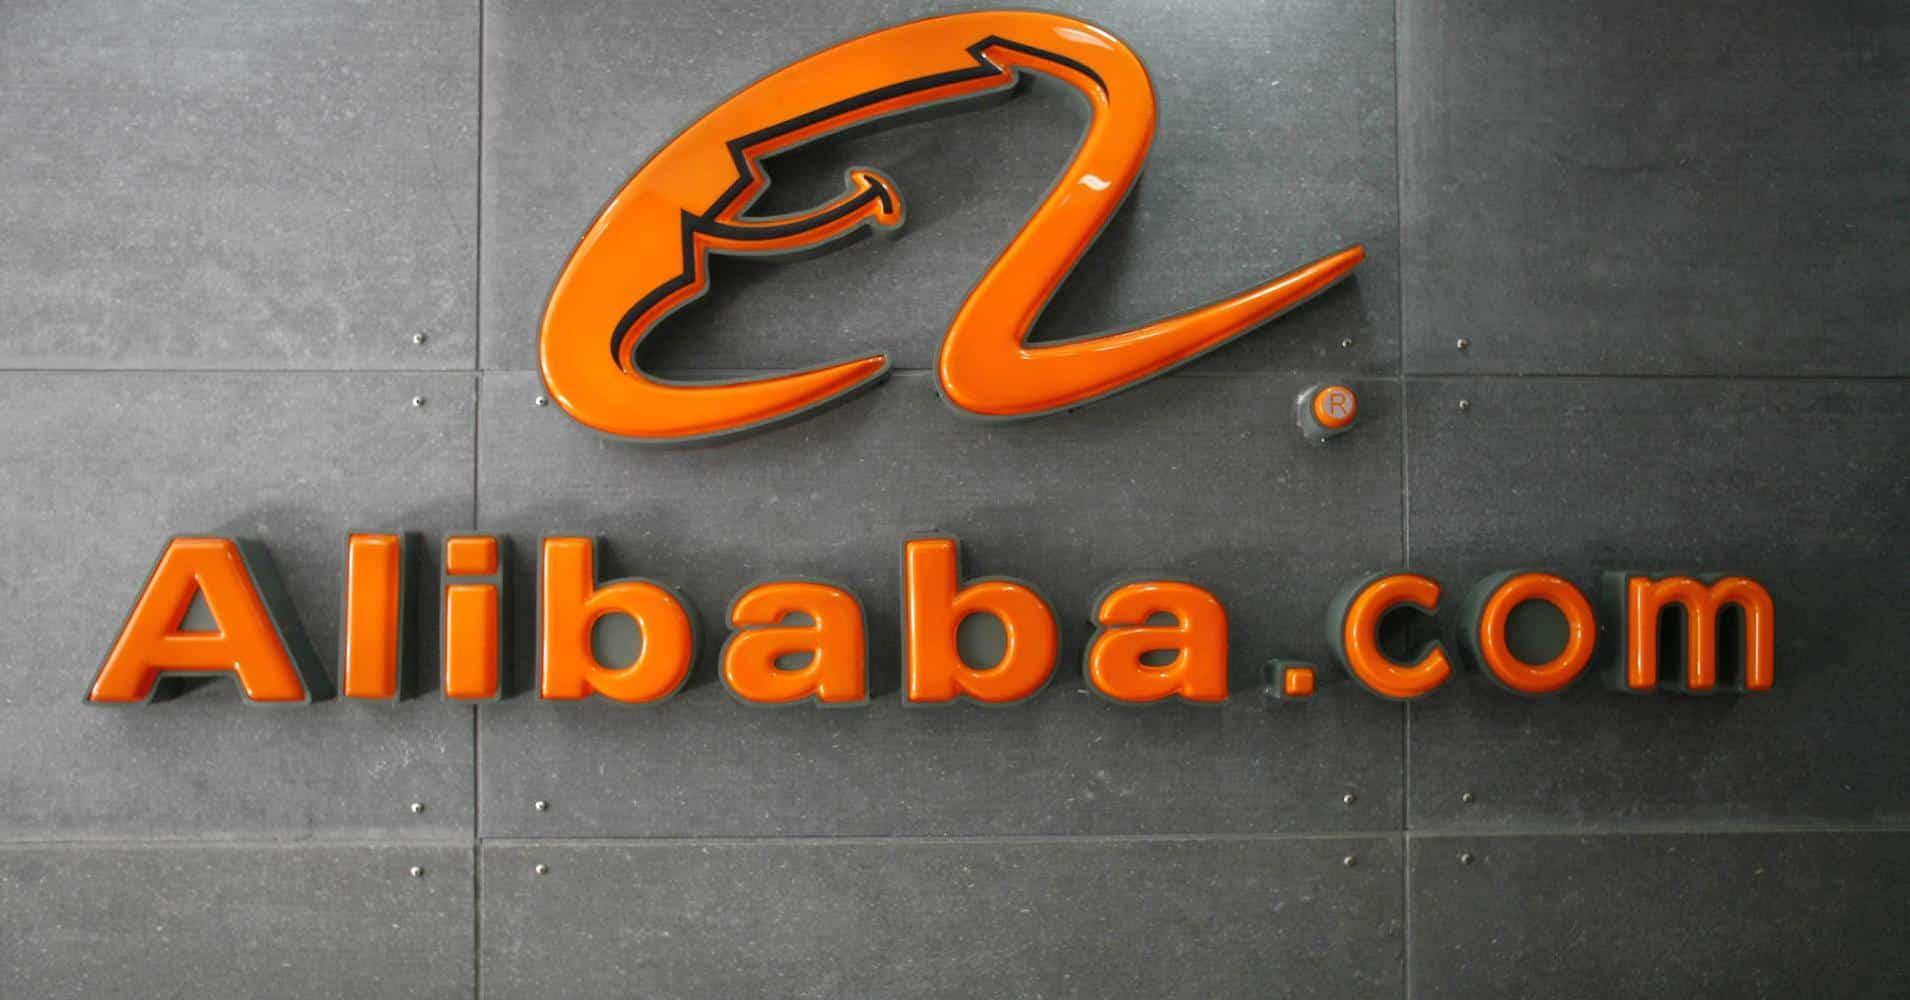 Avec quel grand nom du cinéma américain, la société chinoise Alibaba a officialisé un partenariat ?